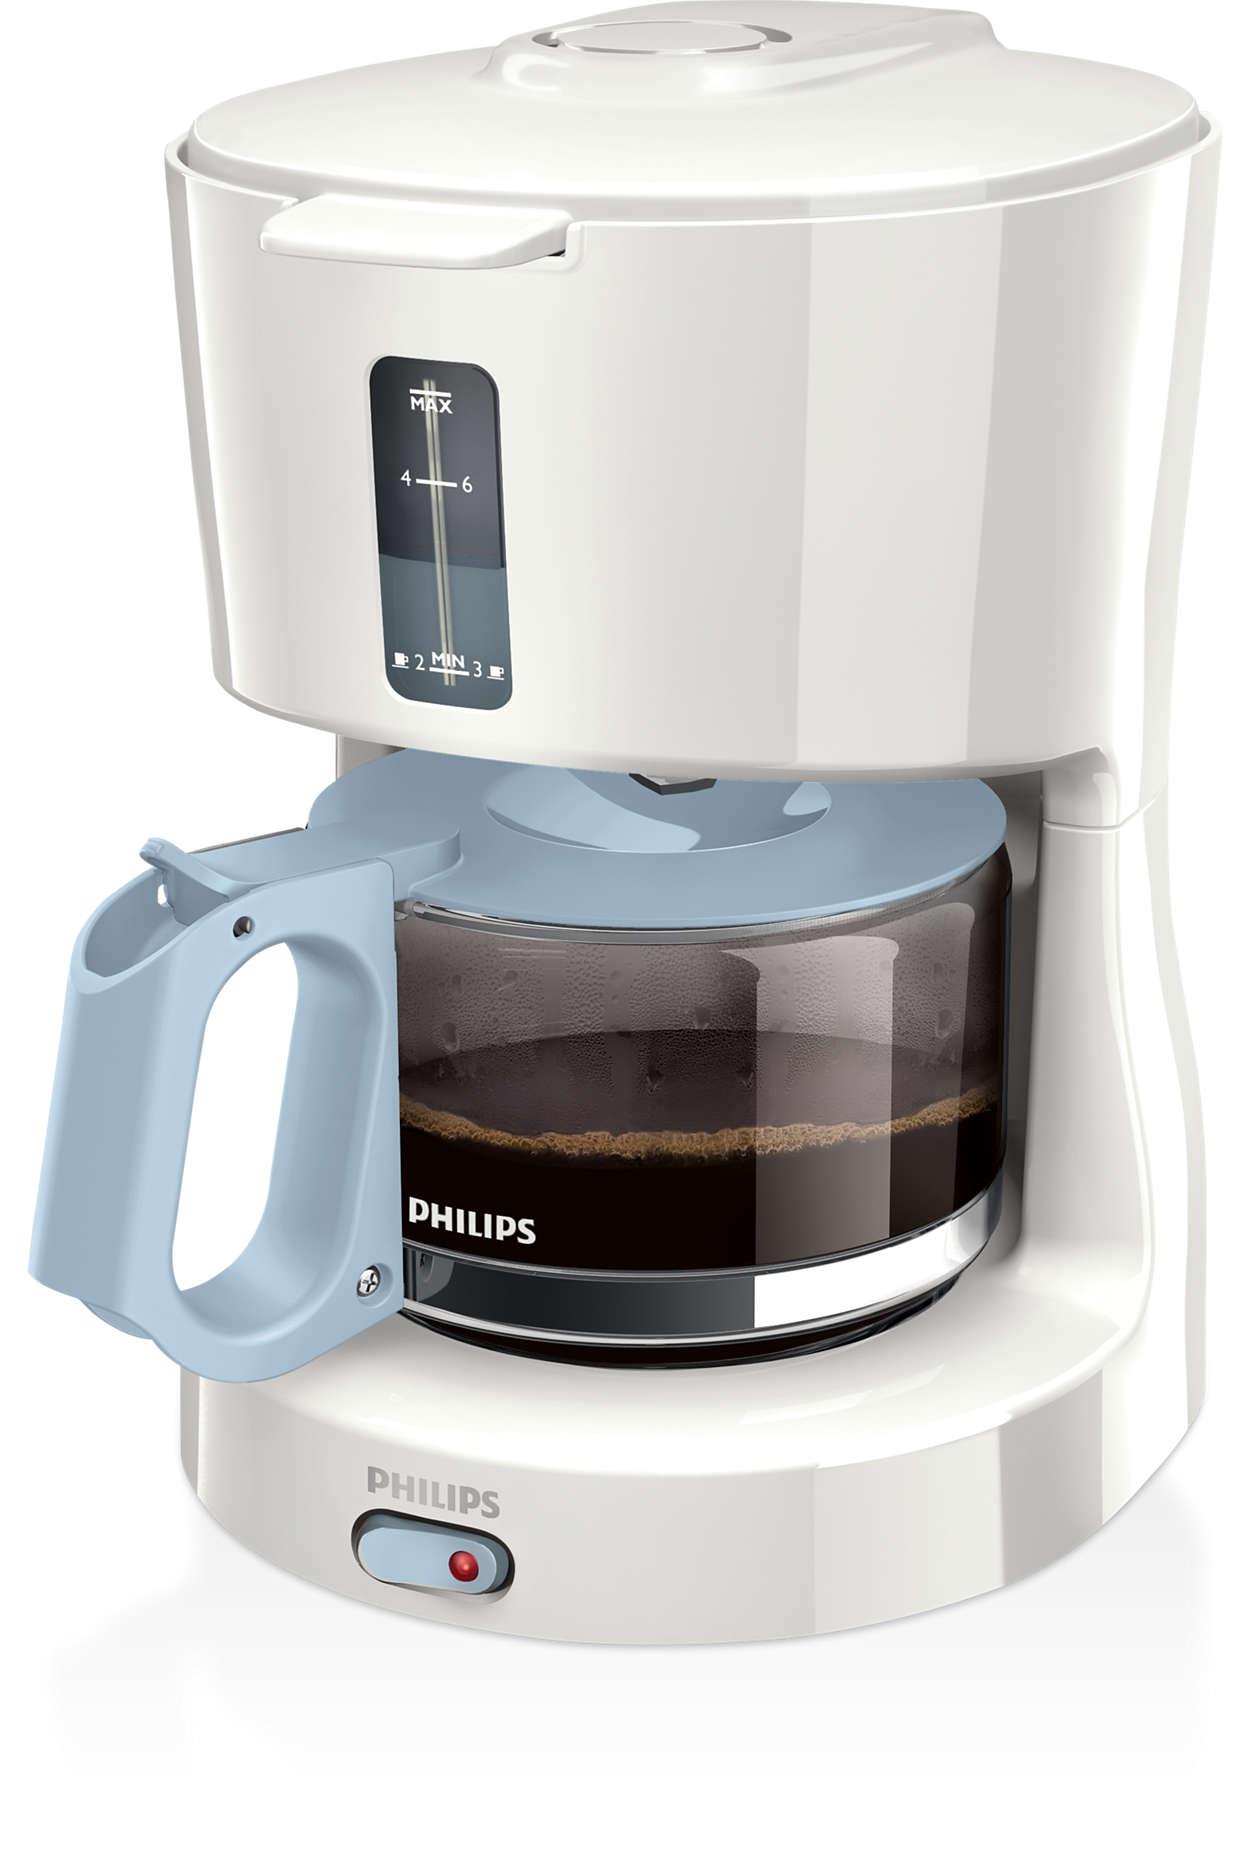 Dobra kava iz filtra koja se lako priprema